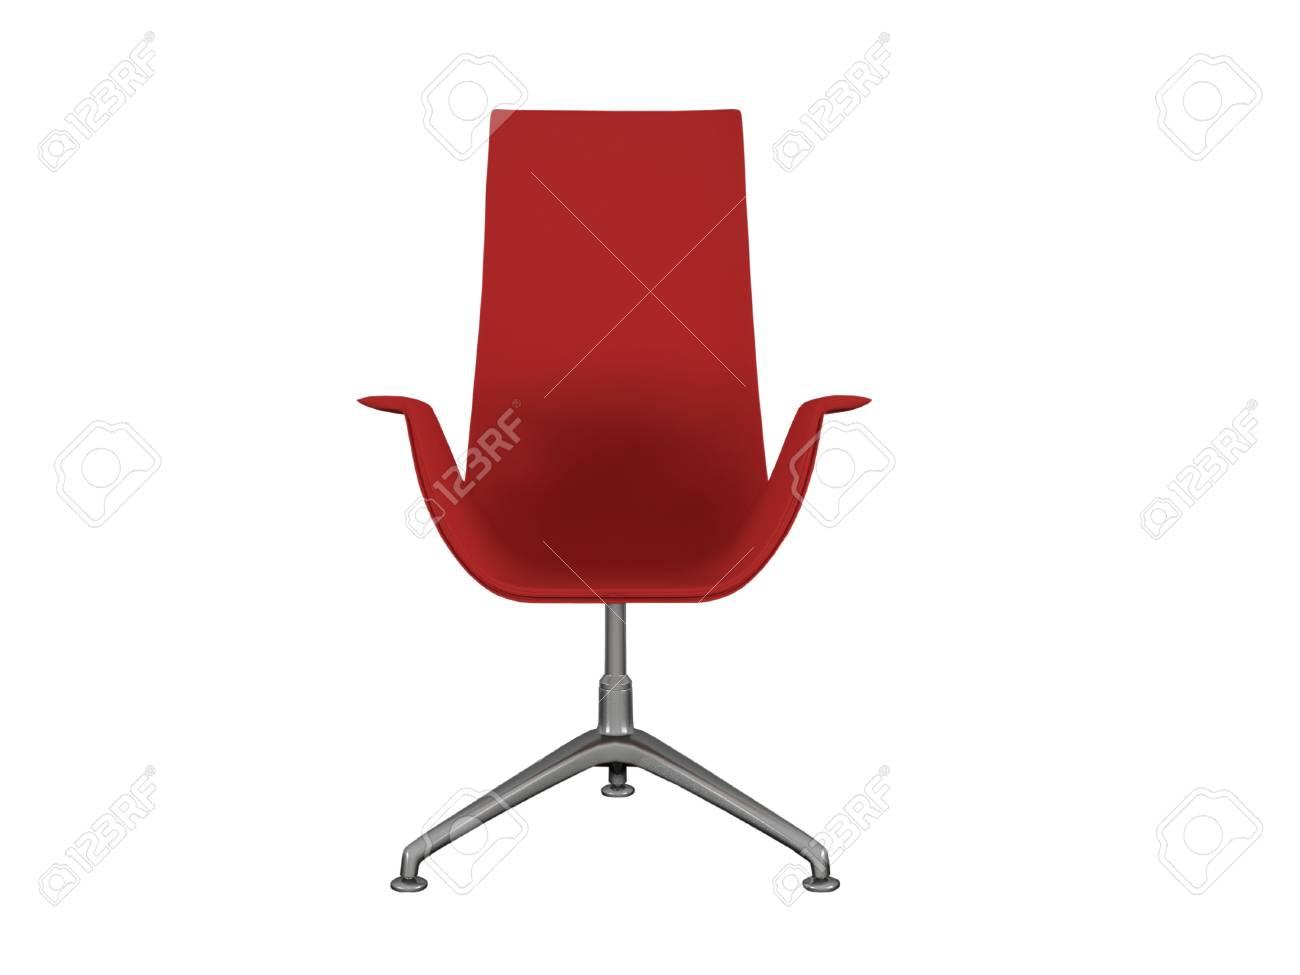 Poltrona Ufficio Bianco : Poltrona da ufficio moderna rosso isolato su bianco 3d rendering